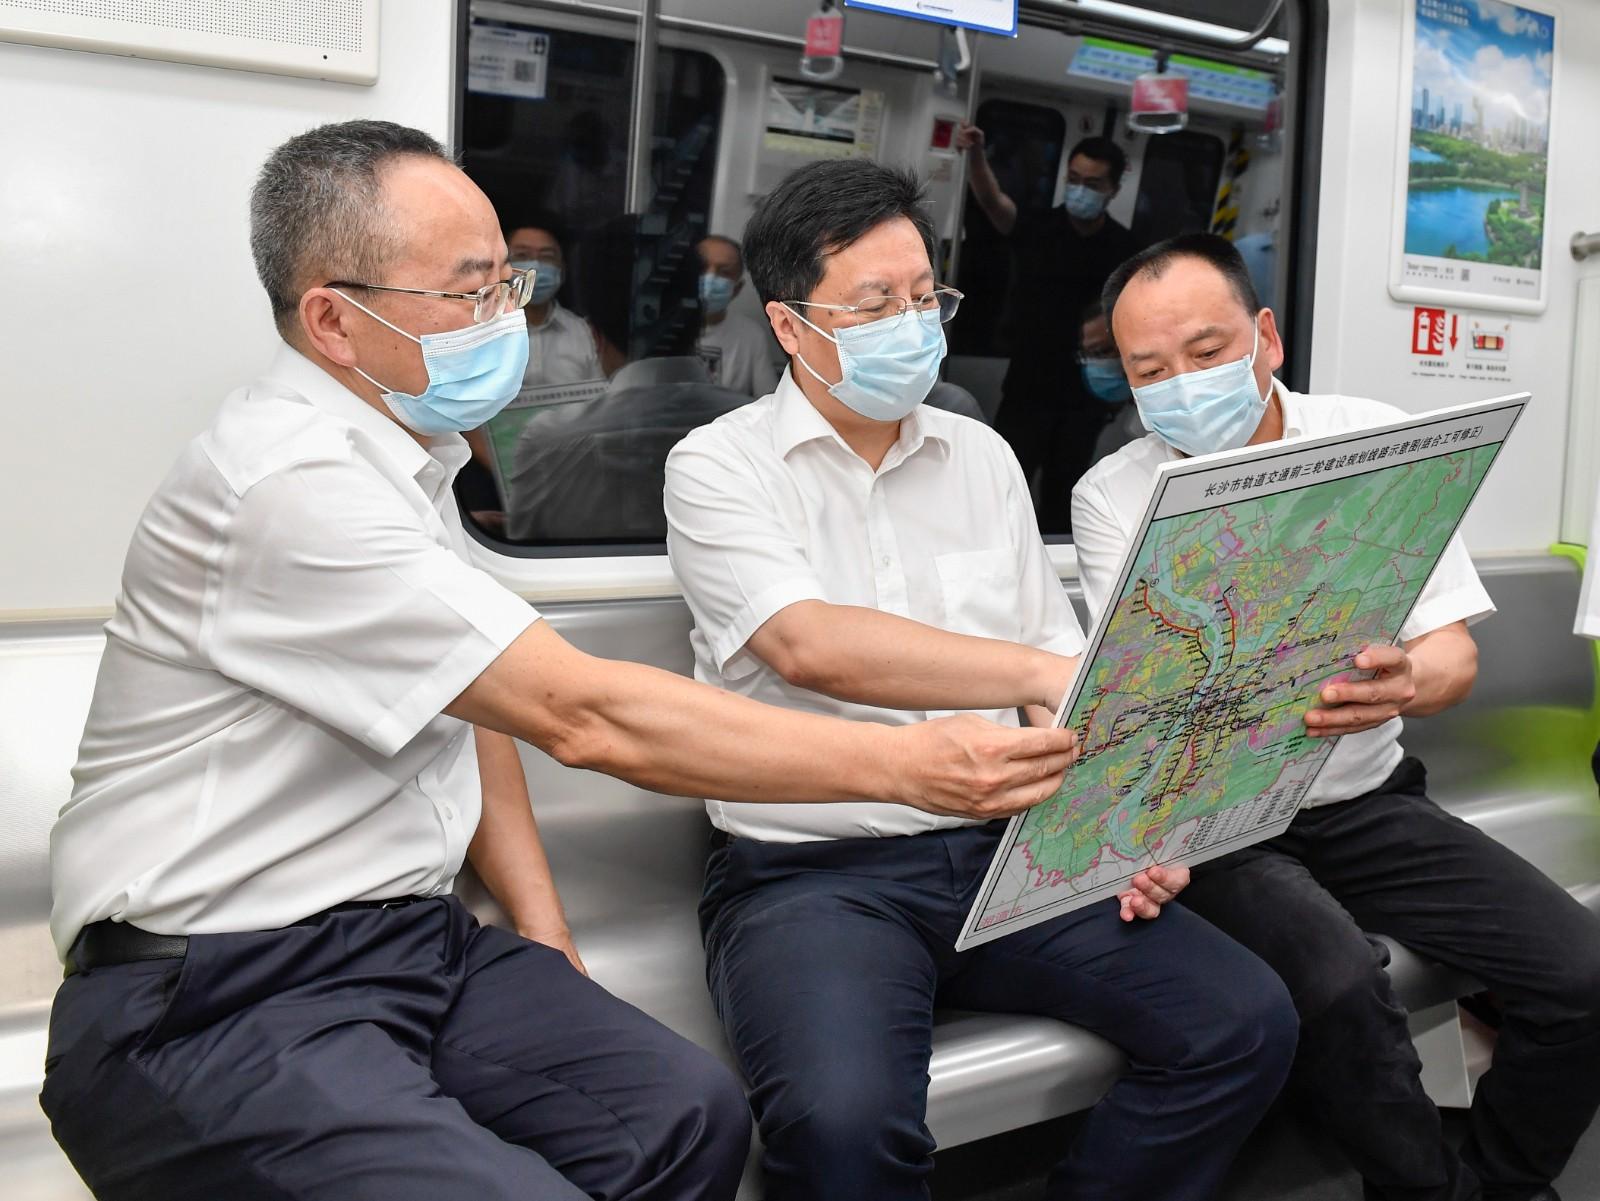 胡衡华在地铁3号线列车上听取长沙市轨道交通建设情况汇报。长沙晚报全媒体记者 余劭劼 摄